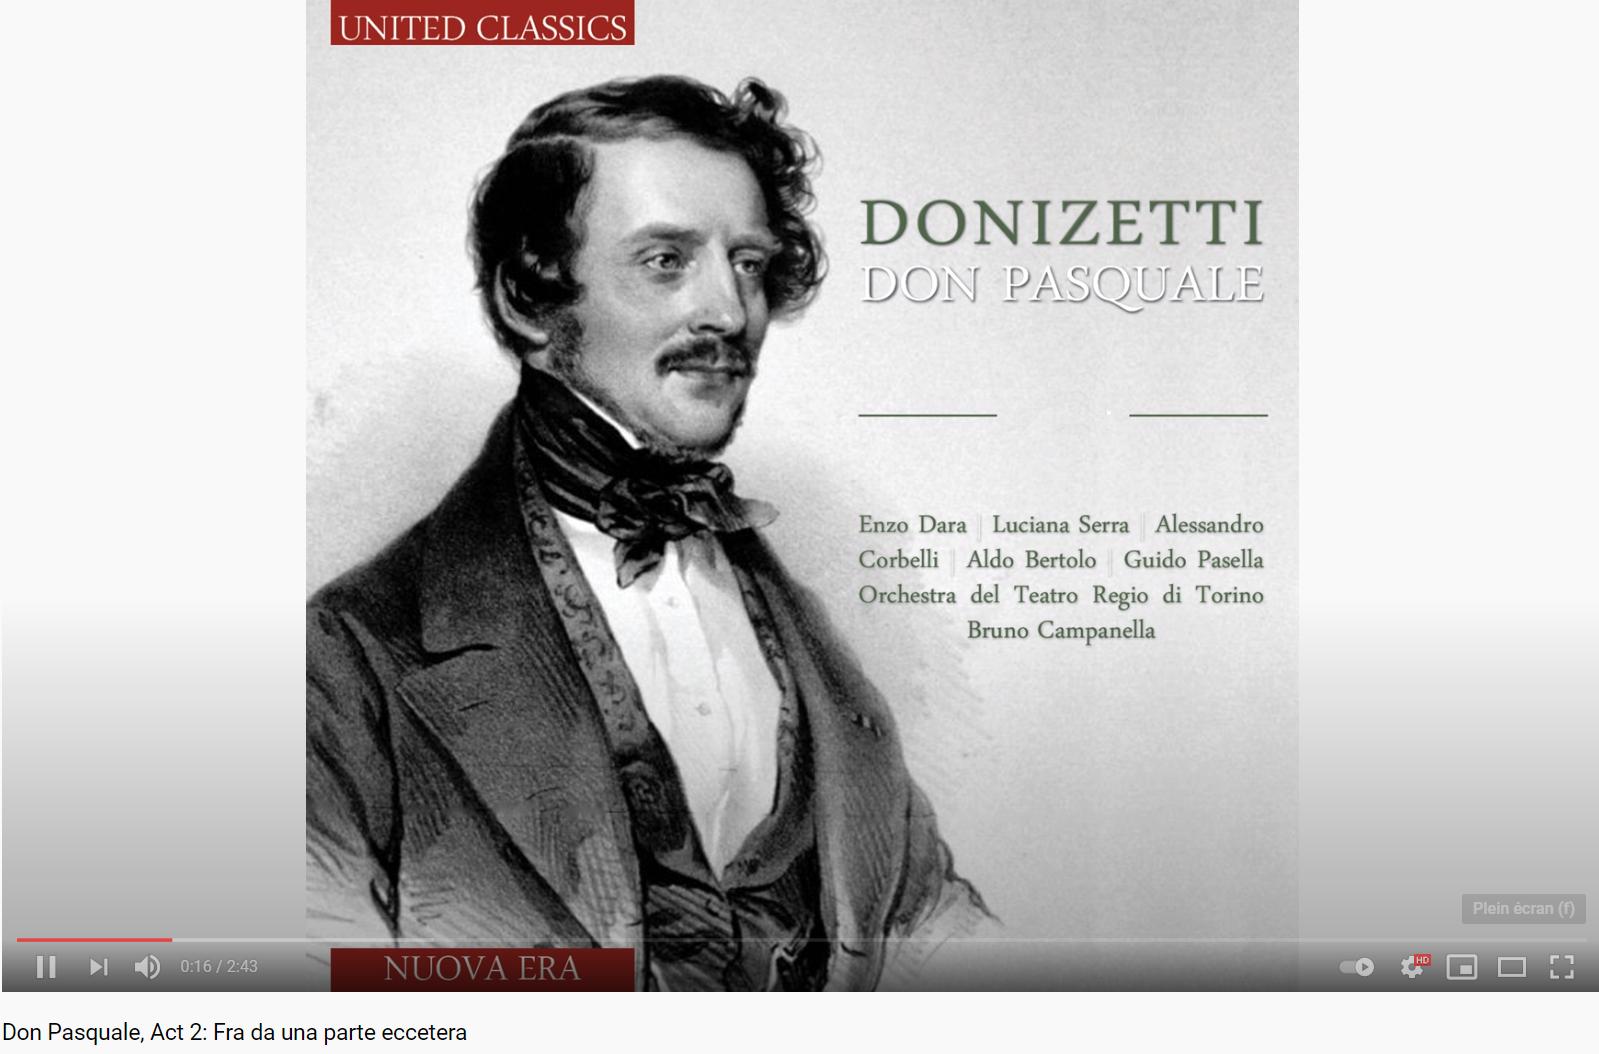 Donizetti Don Pasquale Fra da una parte eccetera